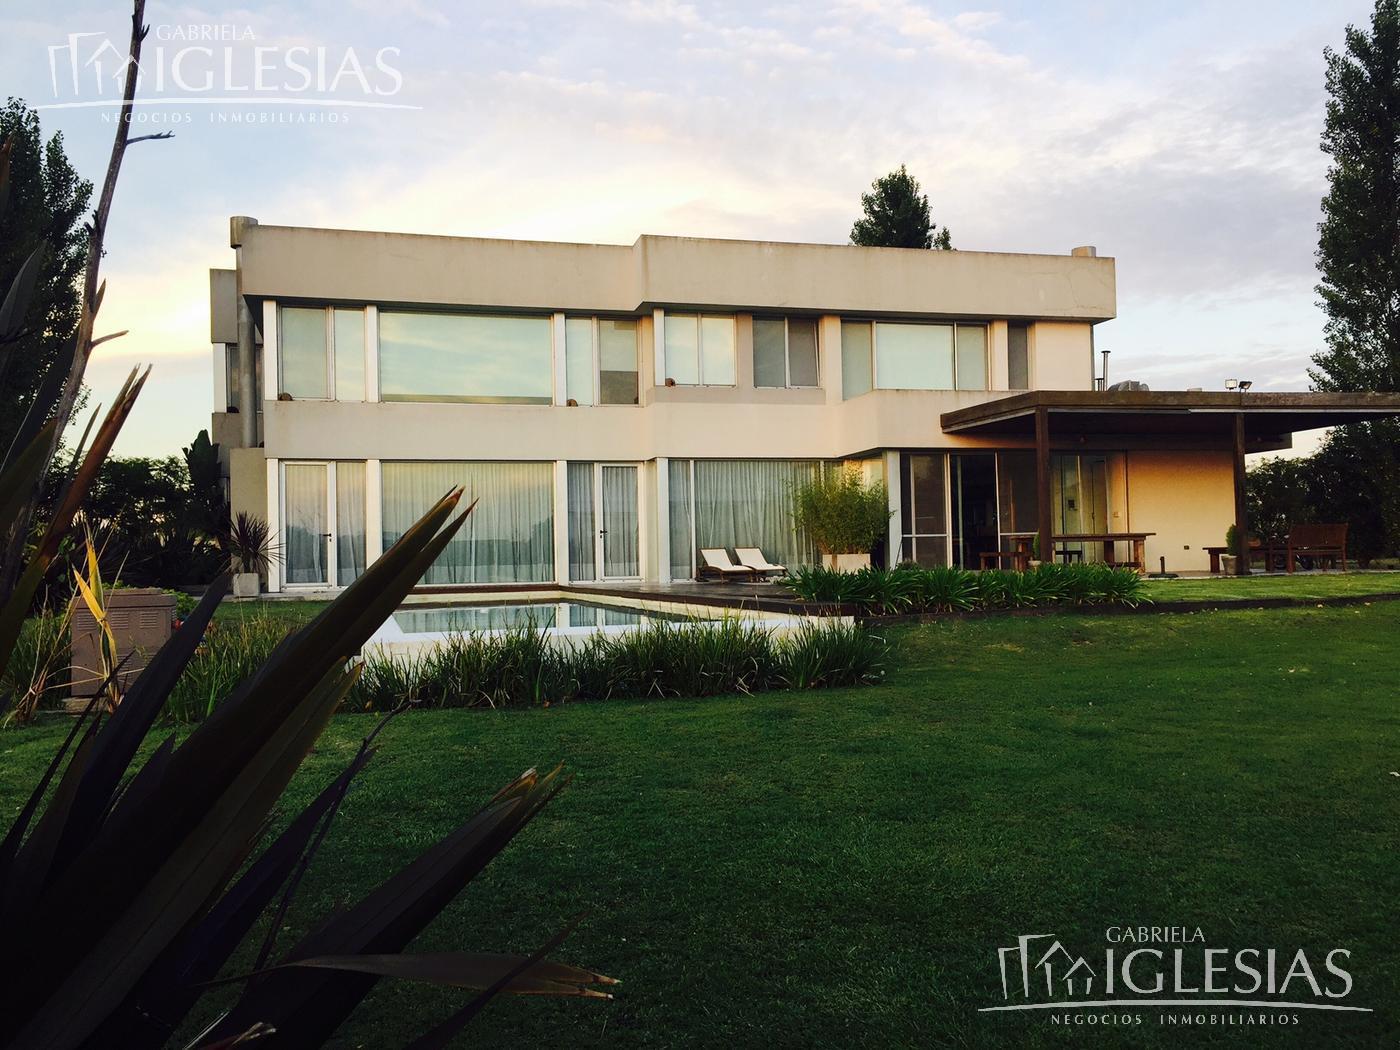 Casa en Venta en El Golf a Venta - u$s 980.000